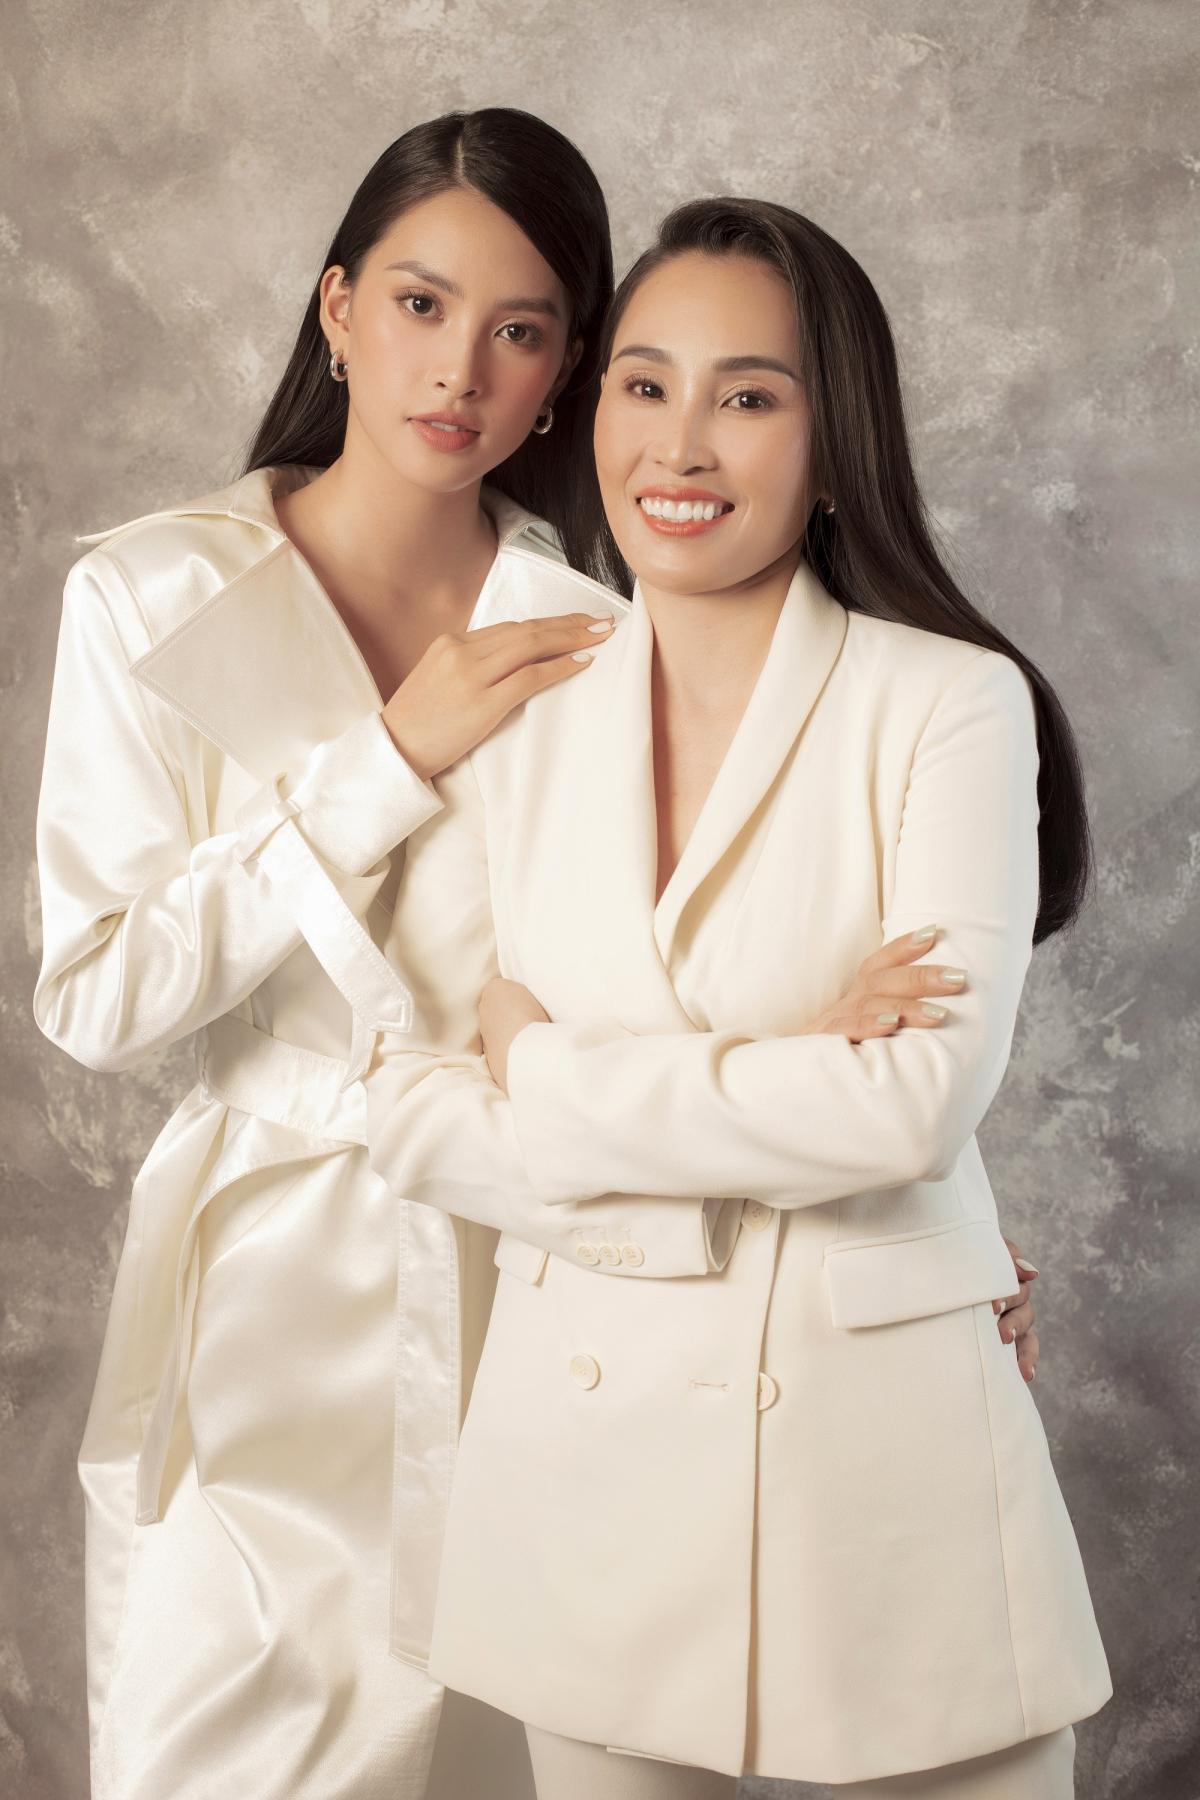 Hoa hậu Tiểu Vy đã nhiều lần xuất hiện cùng mẹ, và cô luôn tự hào về mối quan hệ khăng khít với mẹ mình.